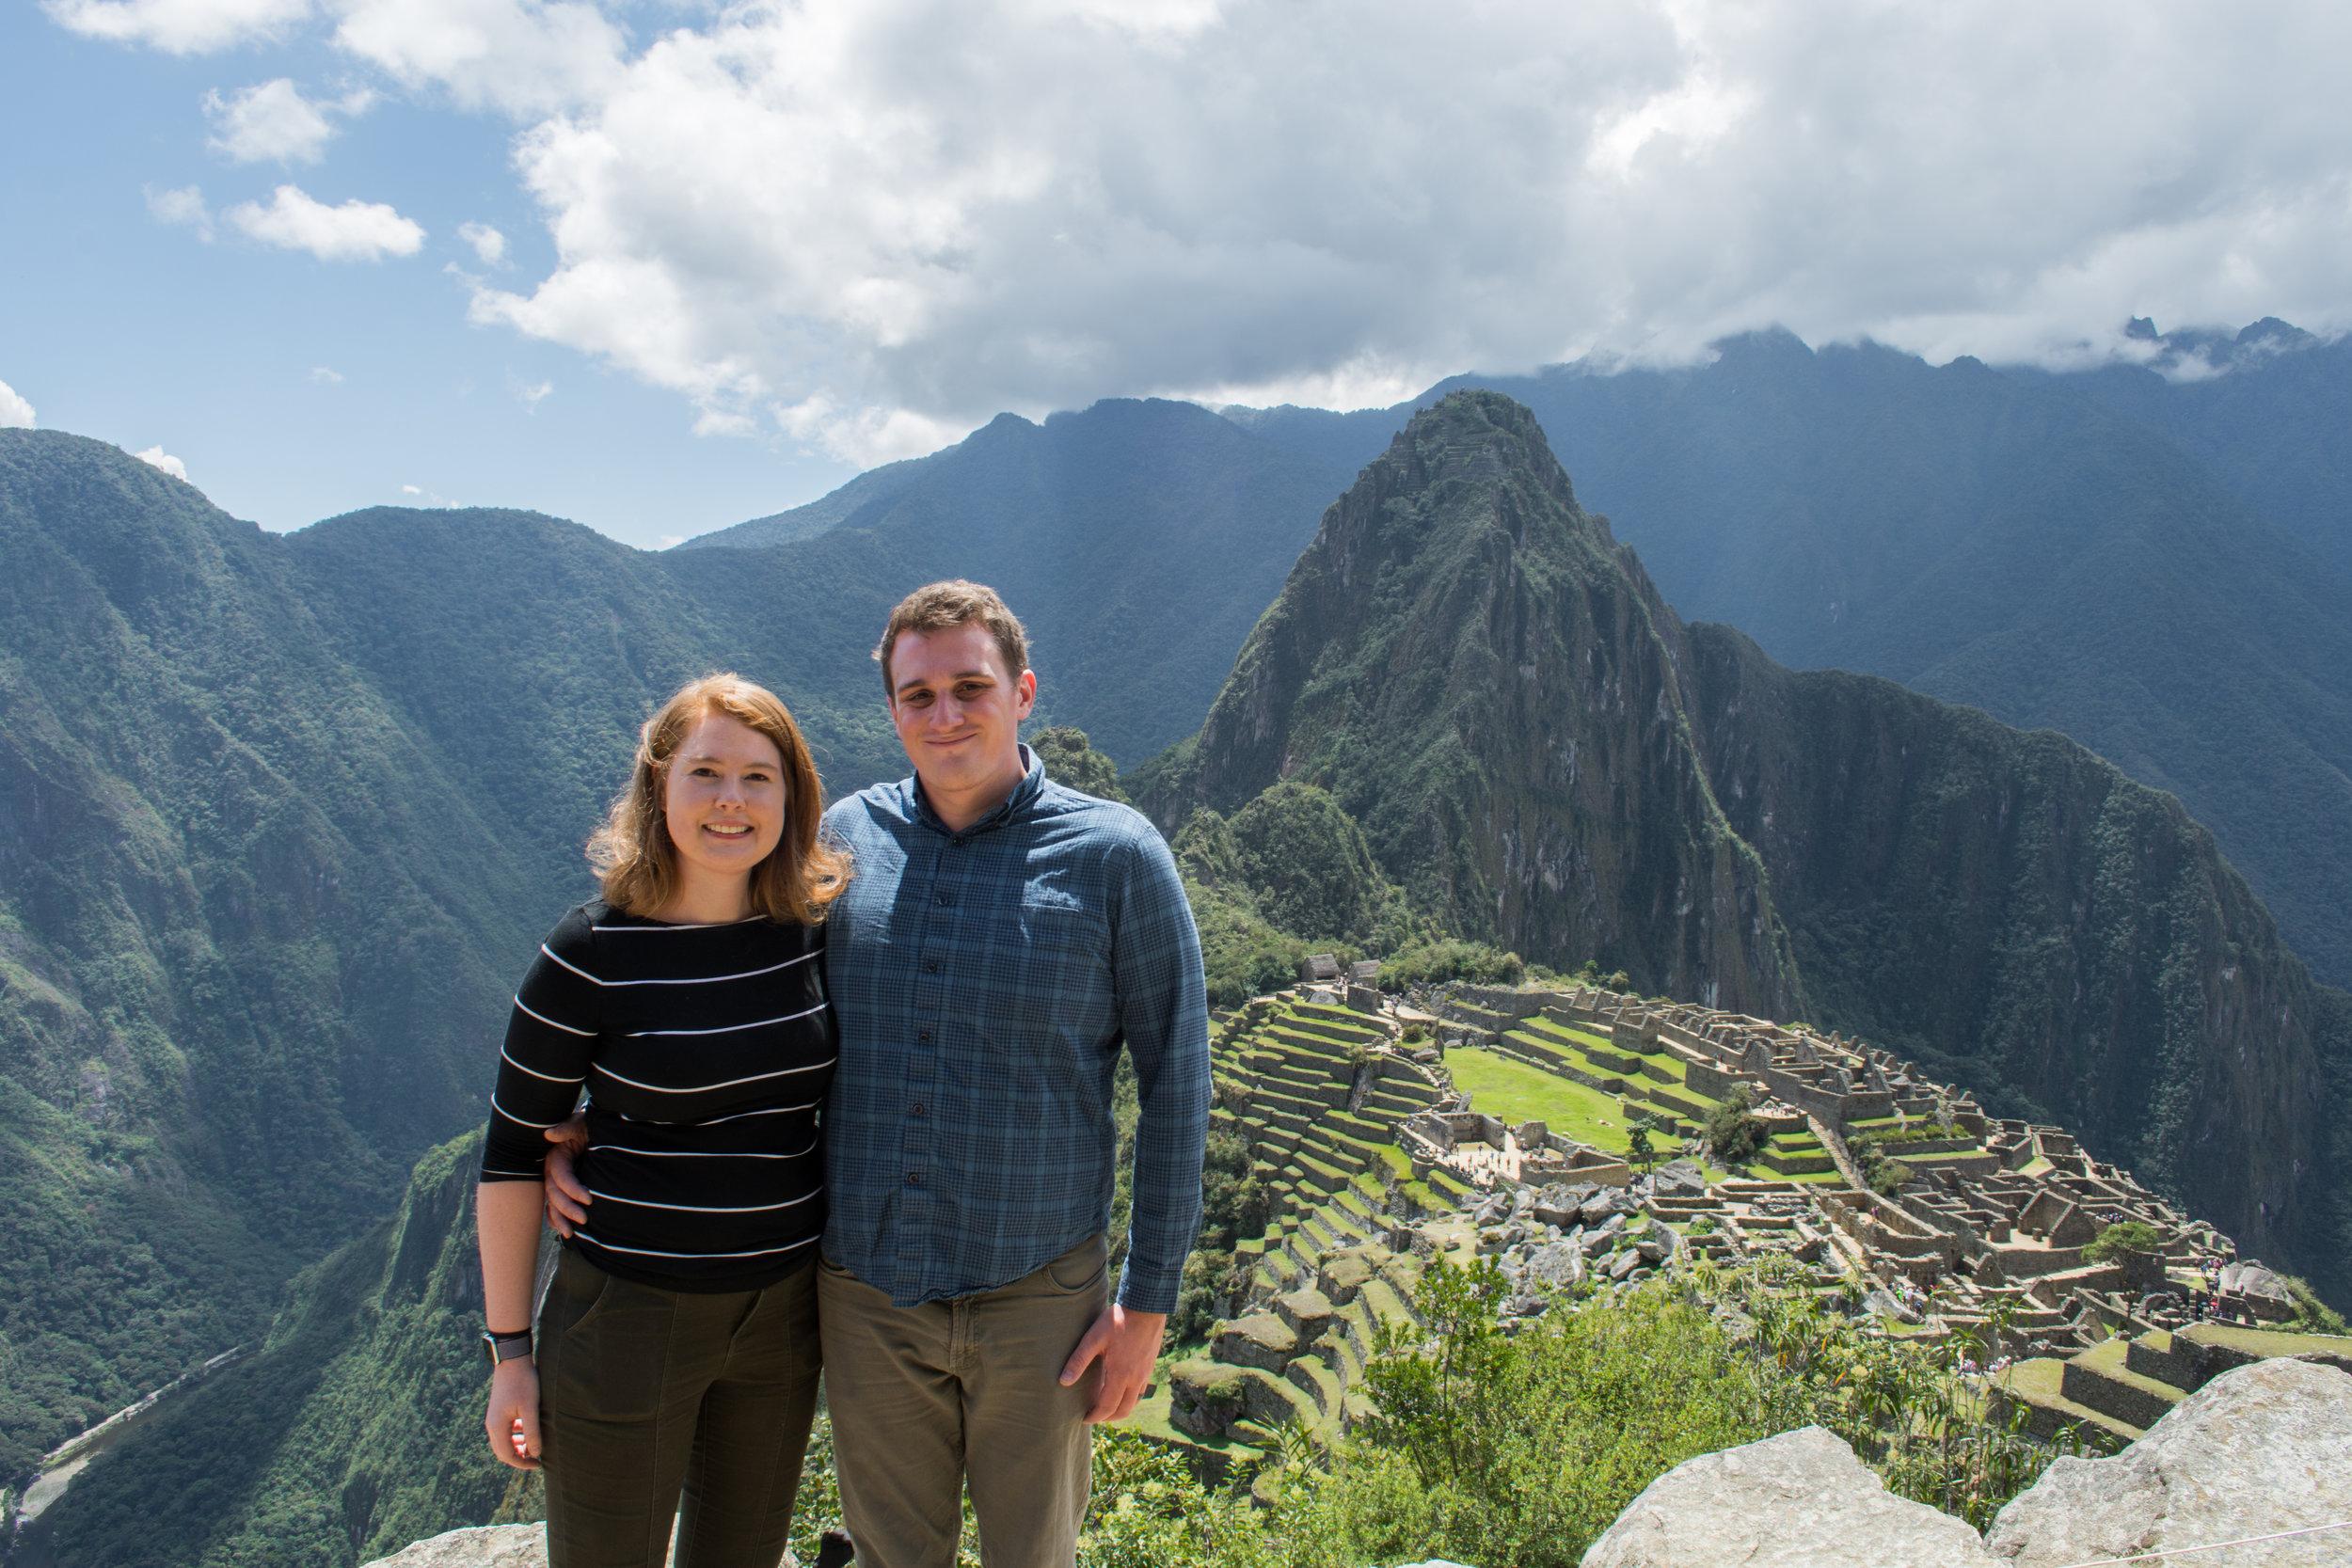 Storm Clouds rolling in at Machu Picchu